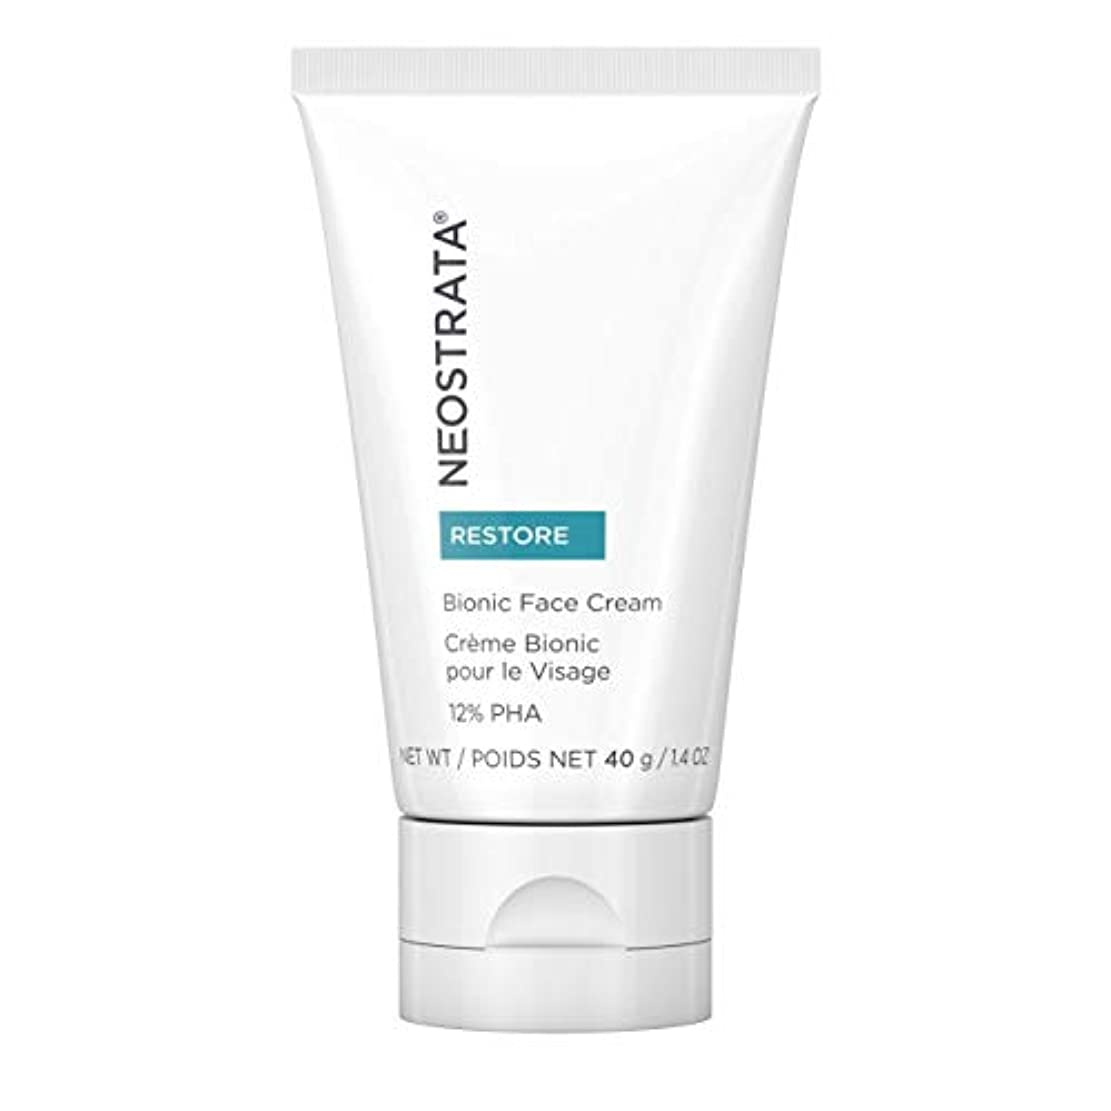 三角勝利した不振ネオストラータ Restore - Bionic Face Cream 12% PHA 14g/1.4oz並行輸入品